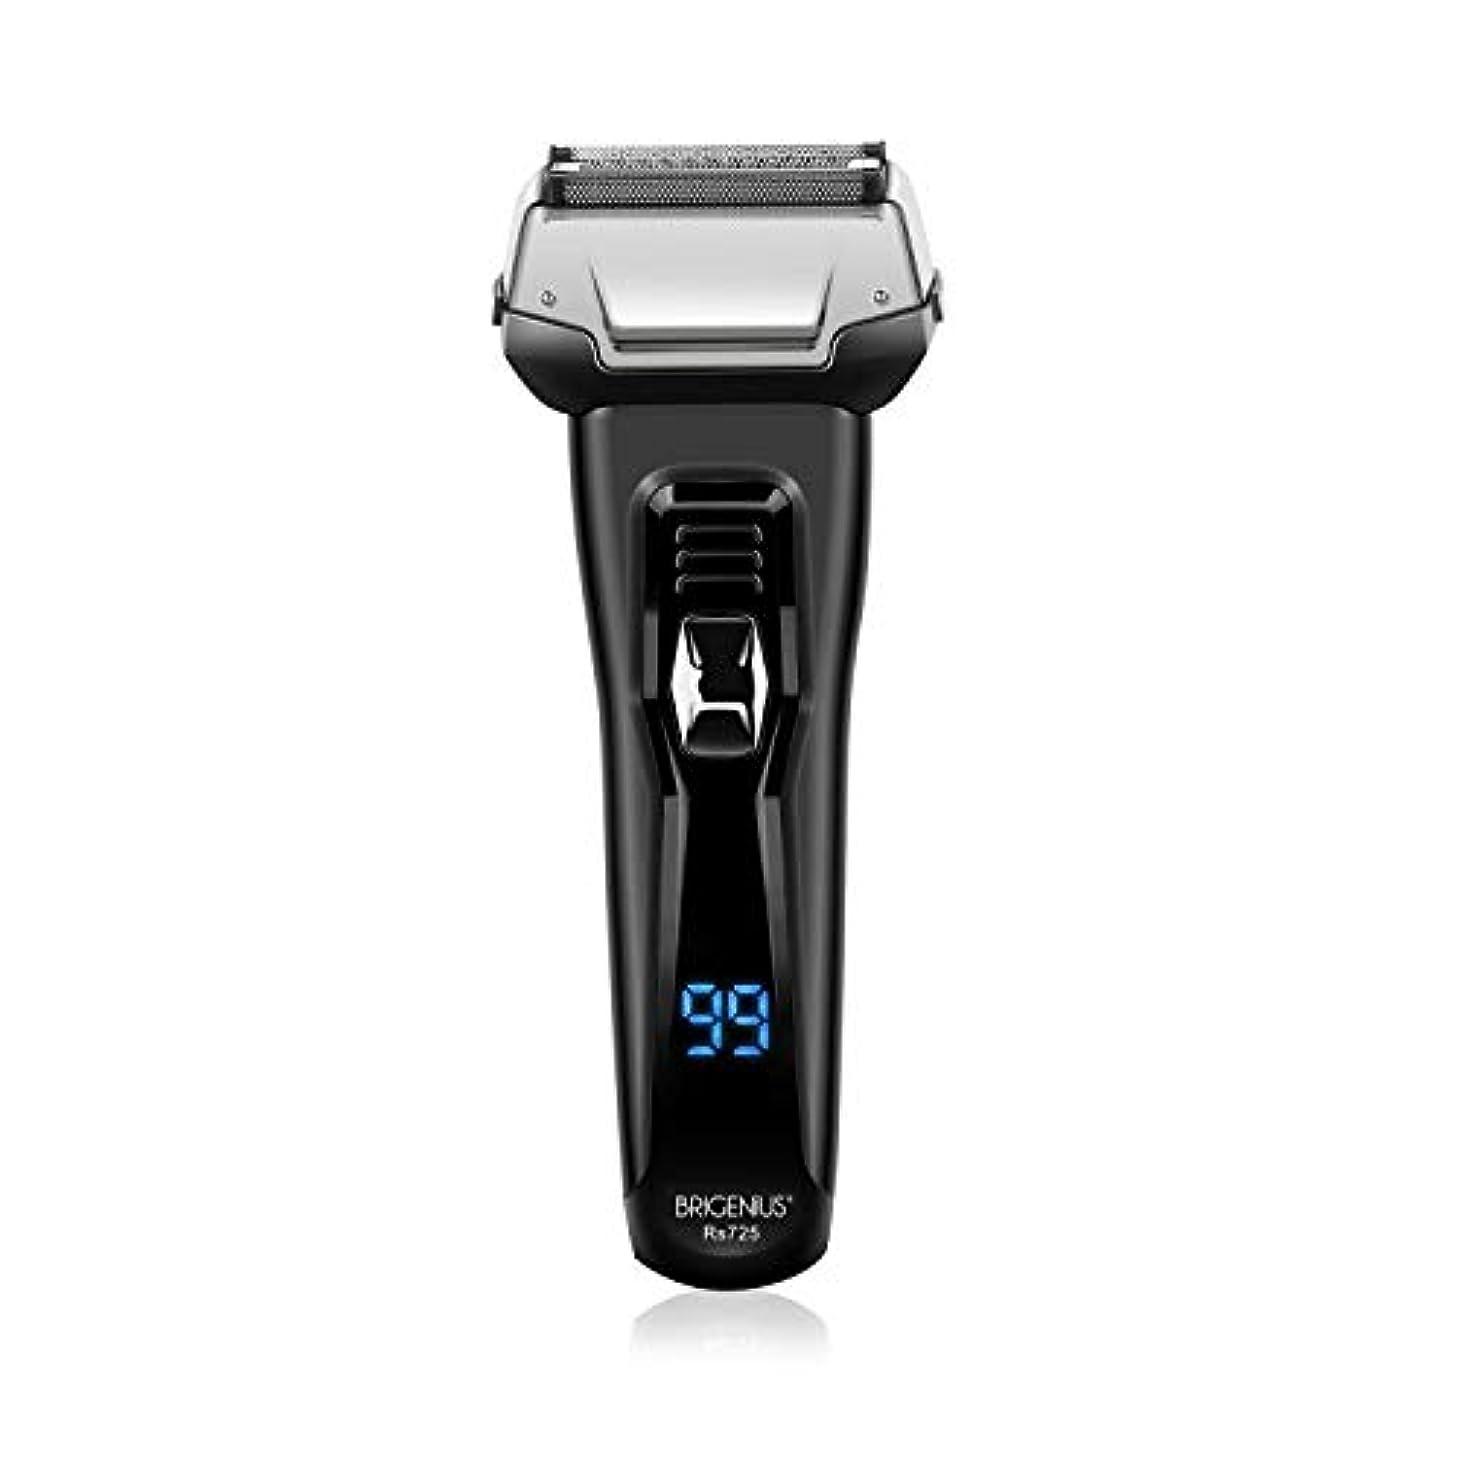 パール暗唱する根絶する電気シェーバー 3枚刃 往復式 髭剃り ひげそり 水洗い お風呂剃り可 シェーバー LCD残量表示 USB充電式 深剃り トリマー付き 電気カミソリ メンズシェーバー